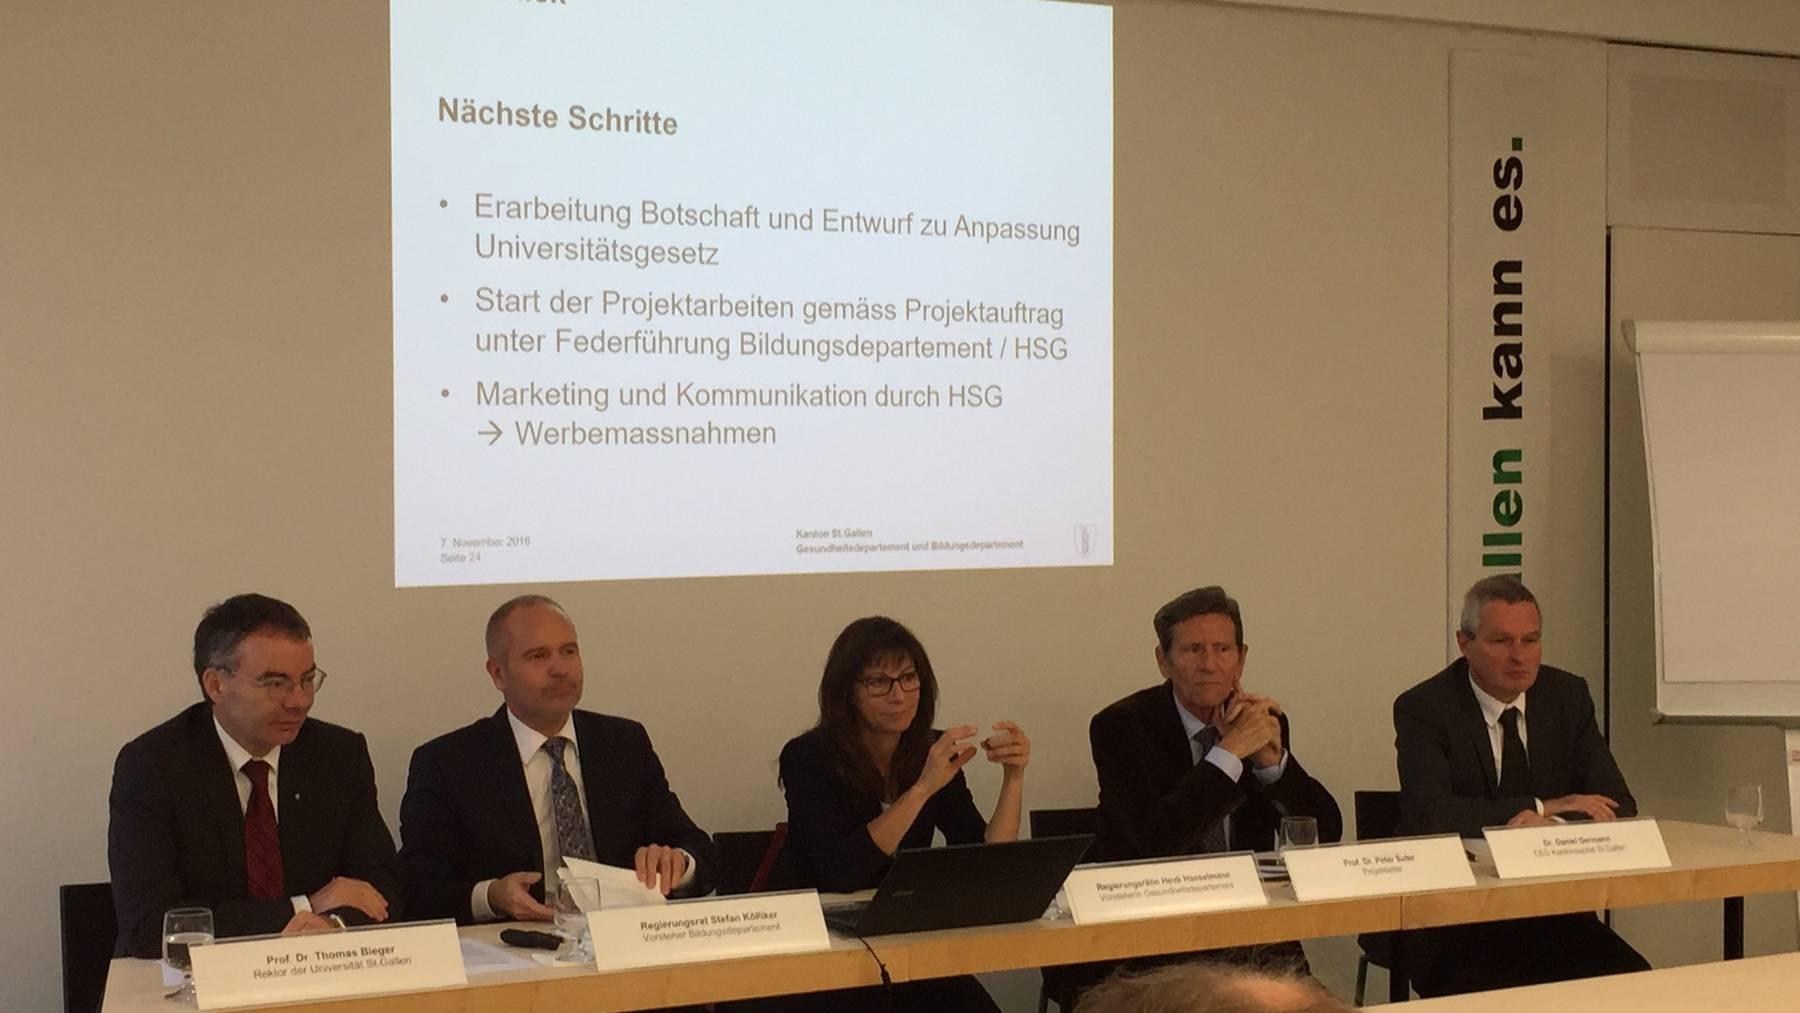 Die Regierung präsentiert zusammen mit der HSG und dem Kantonsspital St.Gallen das Projekt «Joint Medical Master»